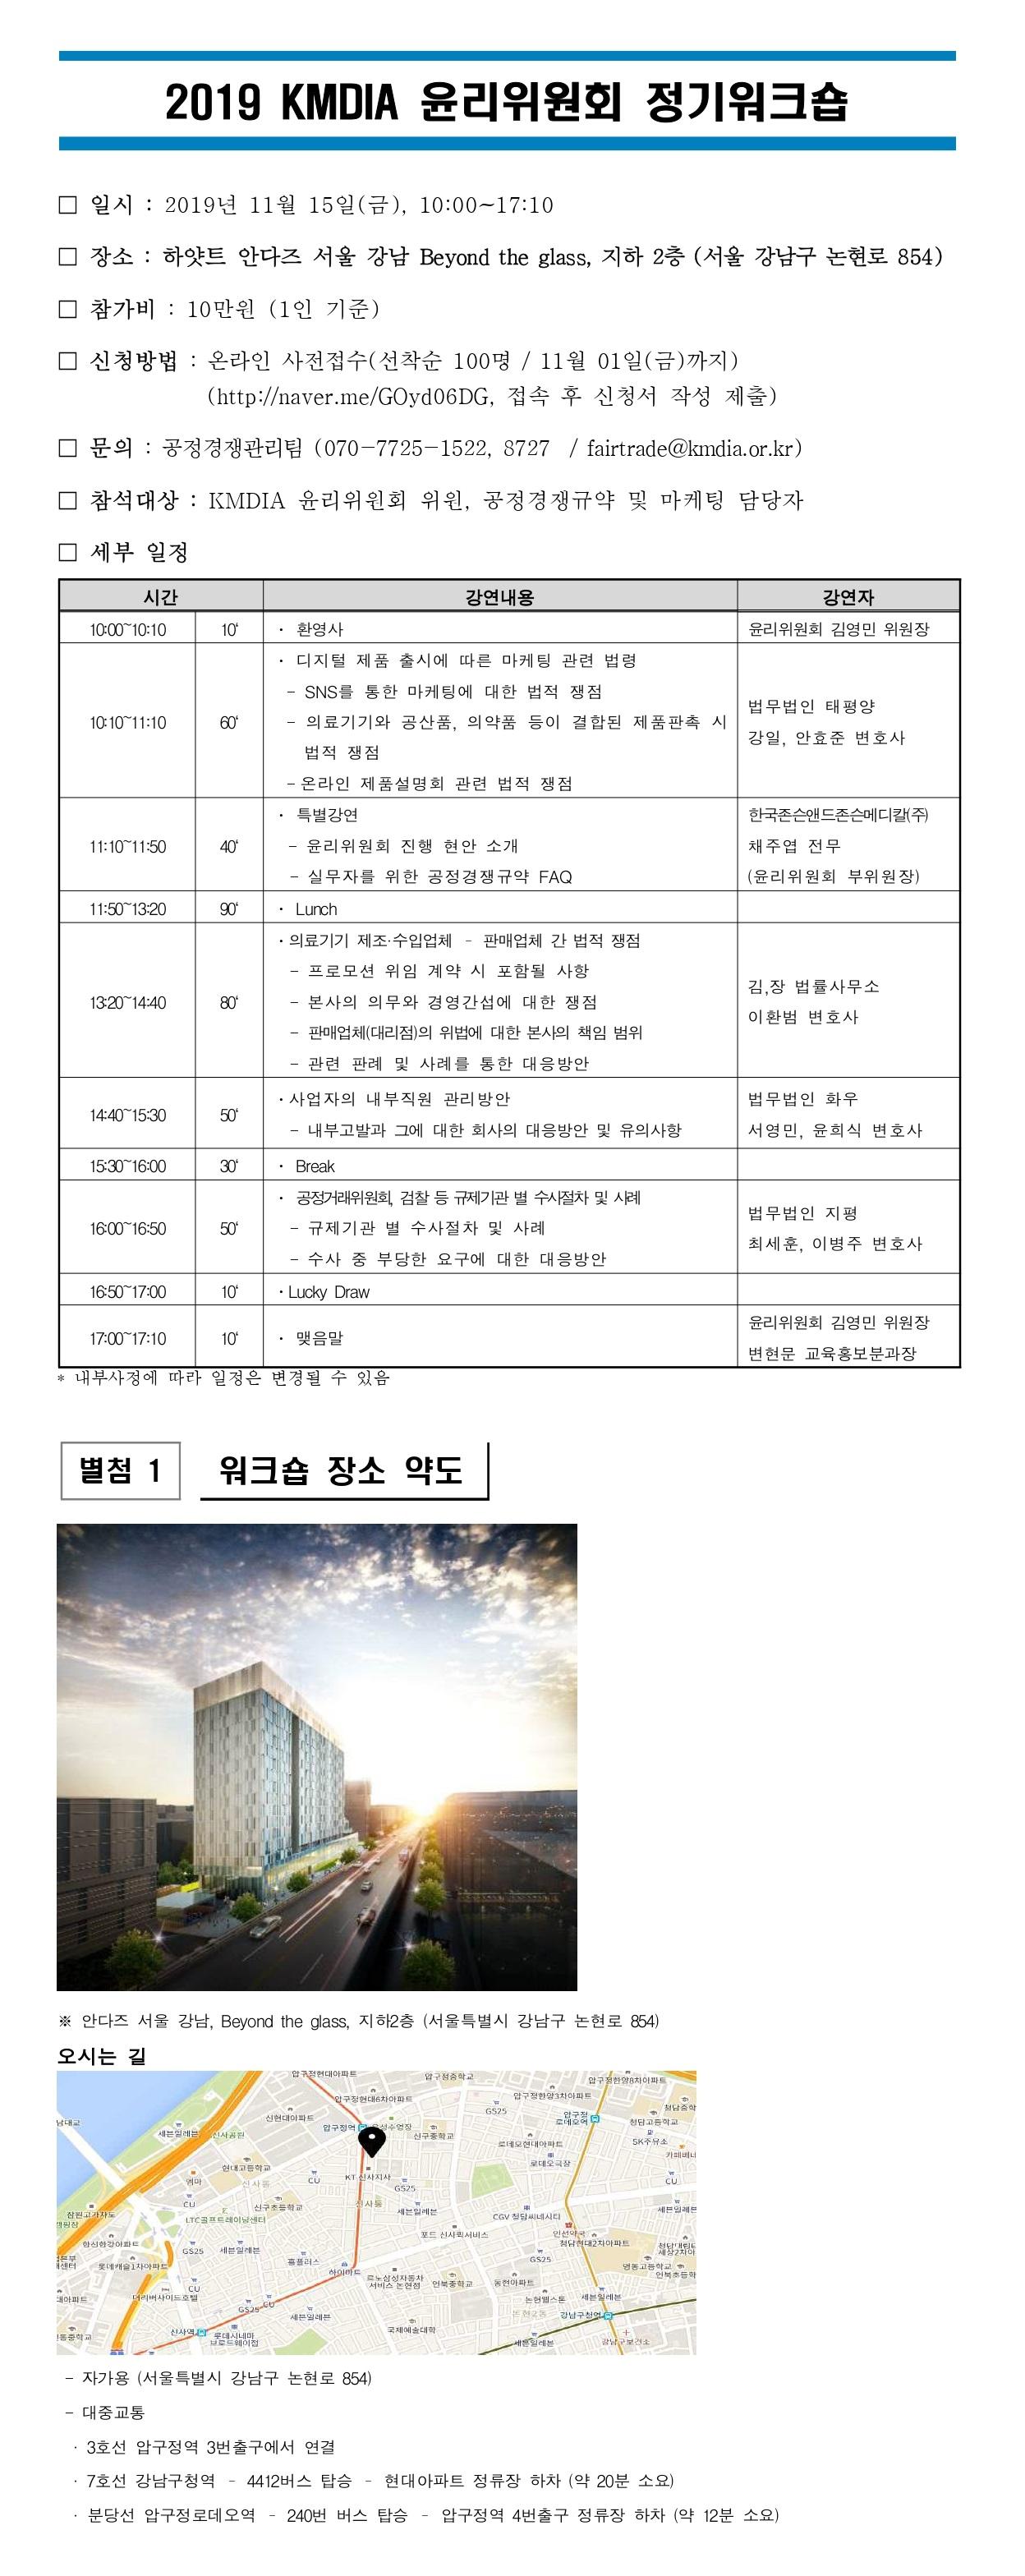 2019 KMDIA 윤리위원회 정기워크숍 안내.jpg